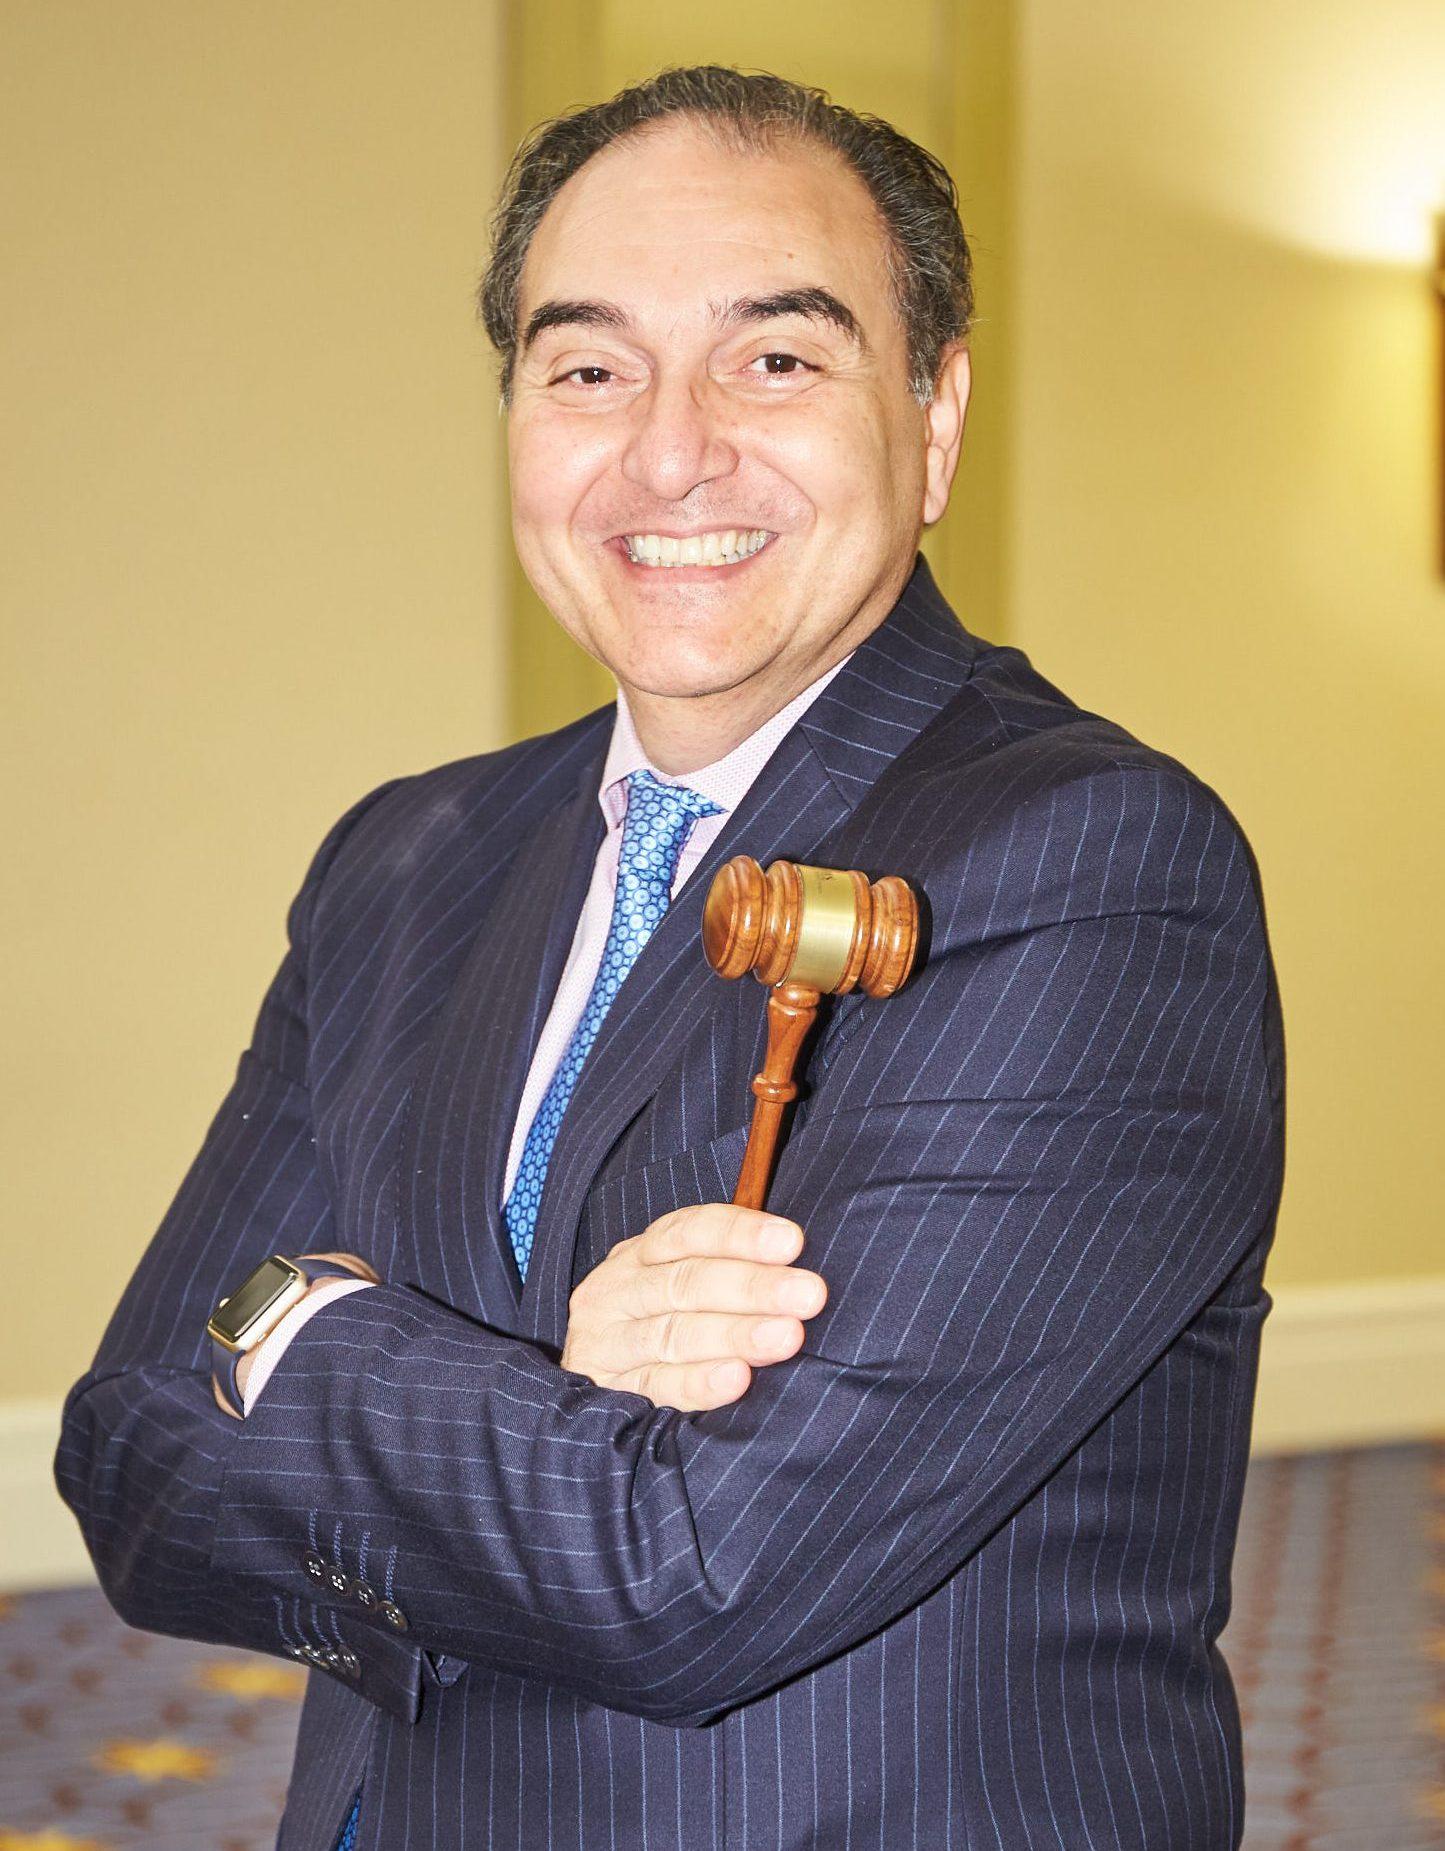 ASMBS President Samer Mattar